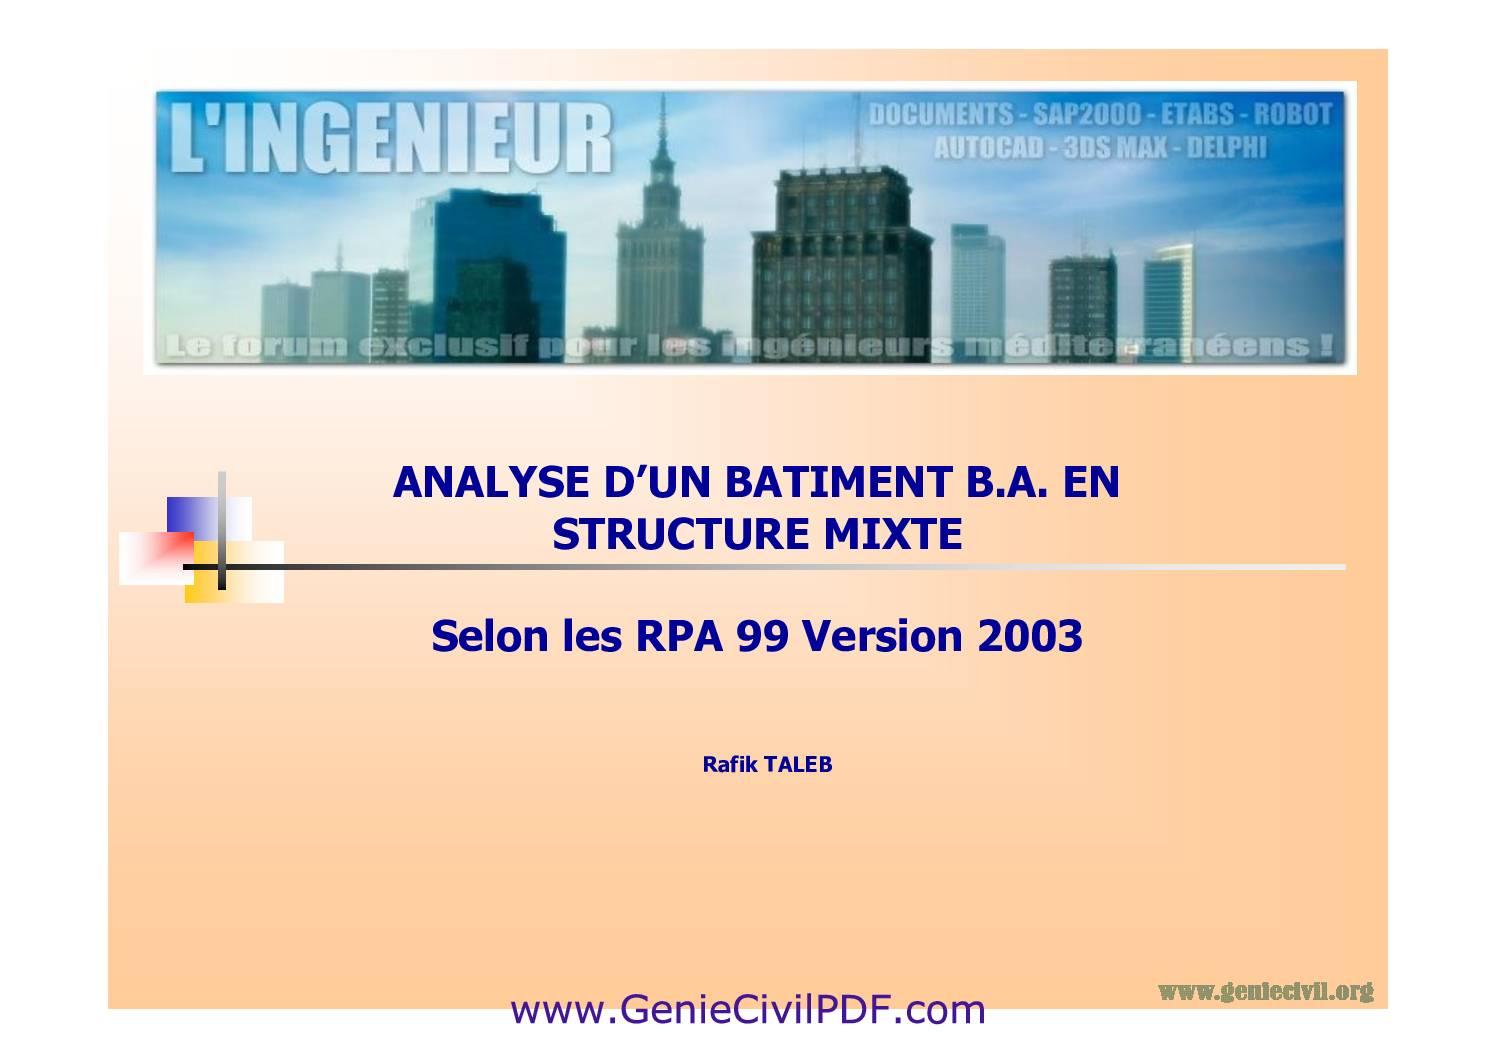 ANALYSE D'UN BATIMENT B.A. EN STRUCTURE MIXTE